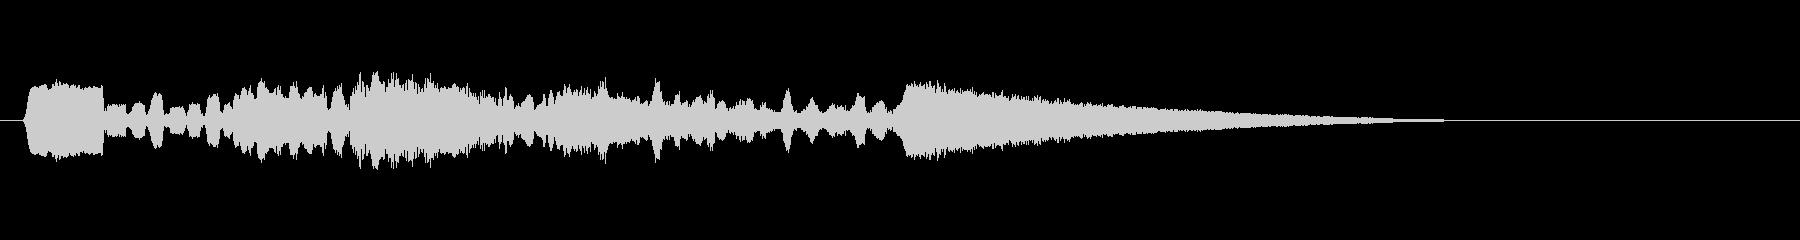 テーマ15B:ウッドウィンズの未再生の波形